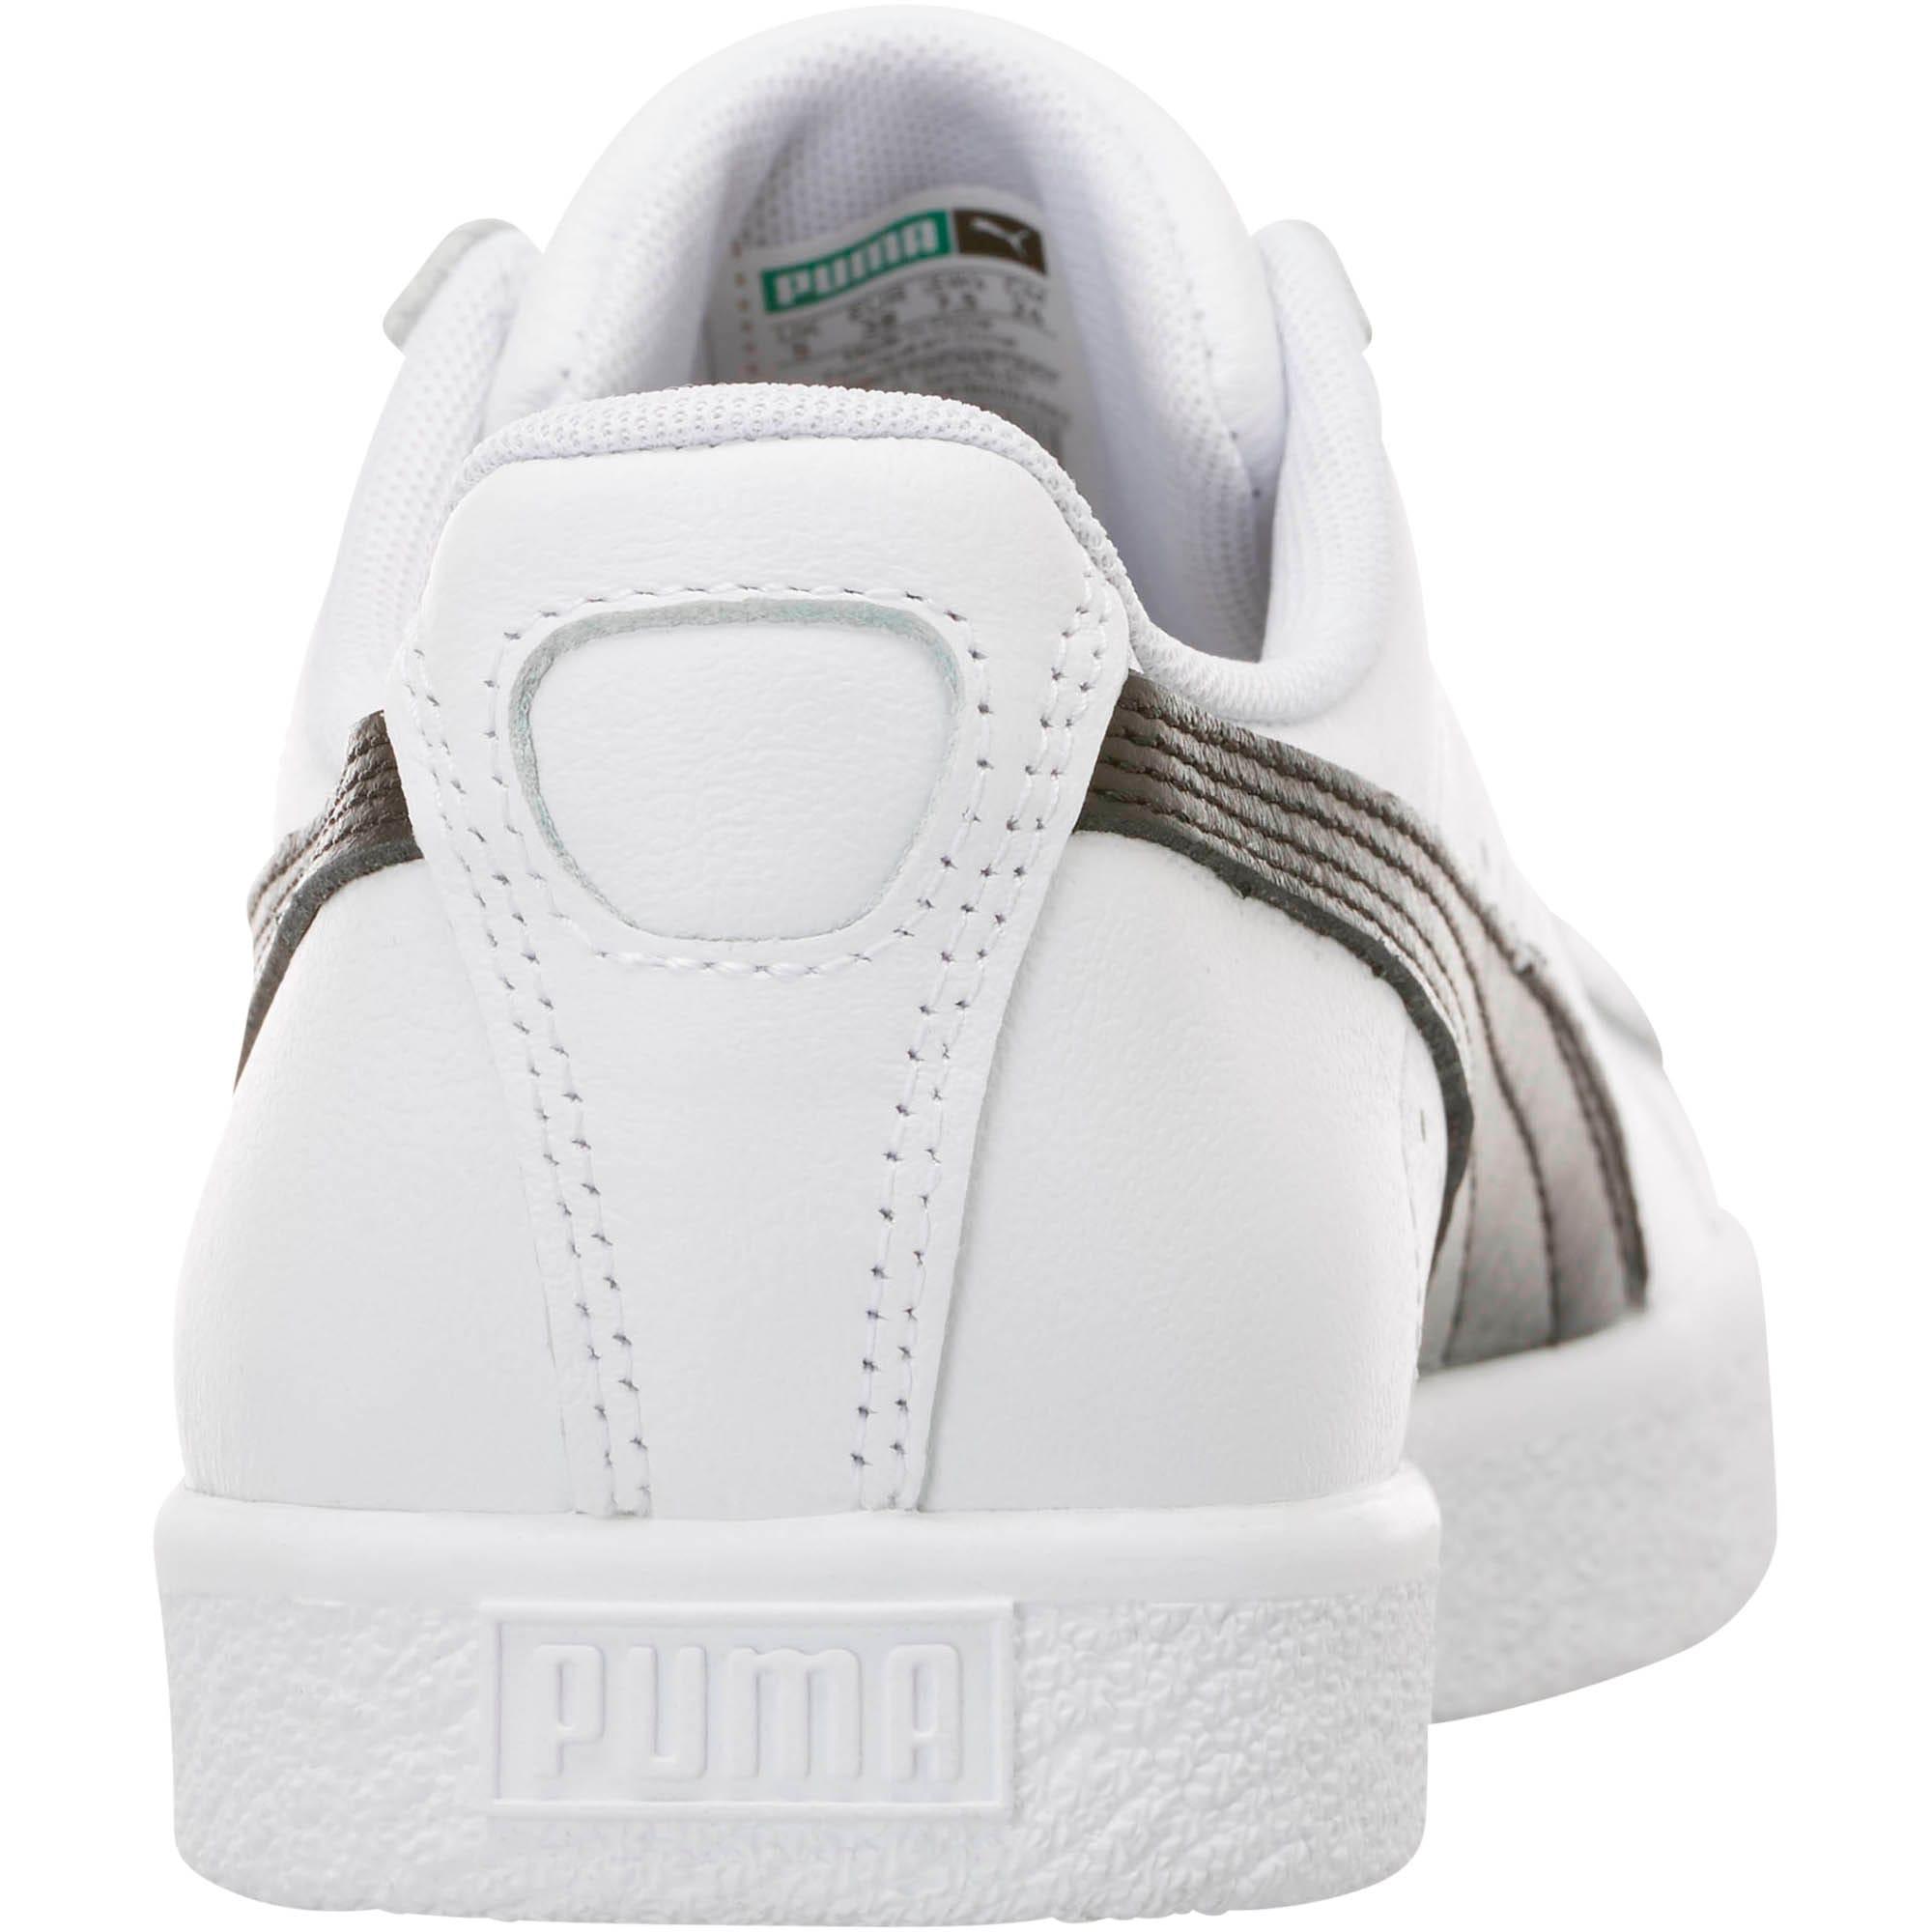 best service 08c42 53e80 Clyde Core Foil Women's Sneakers